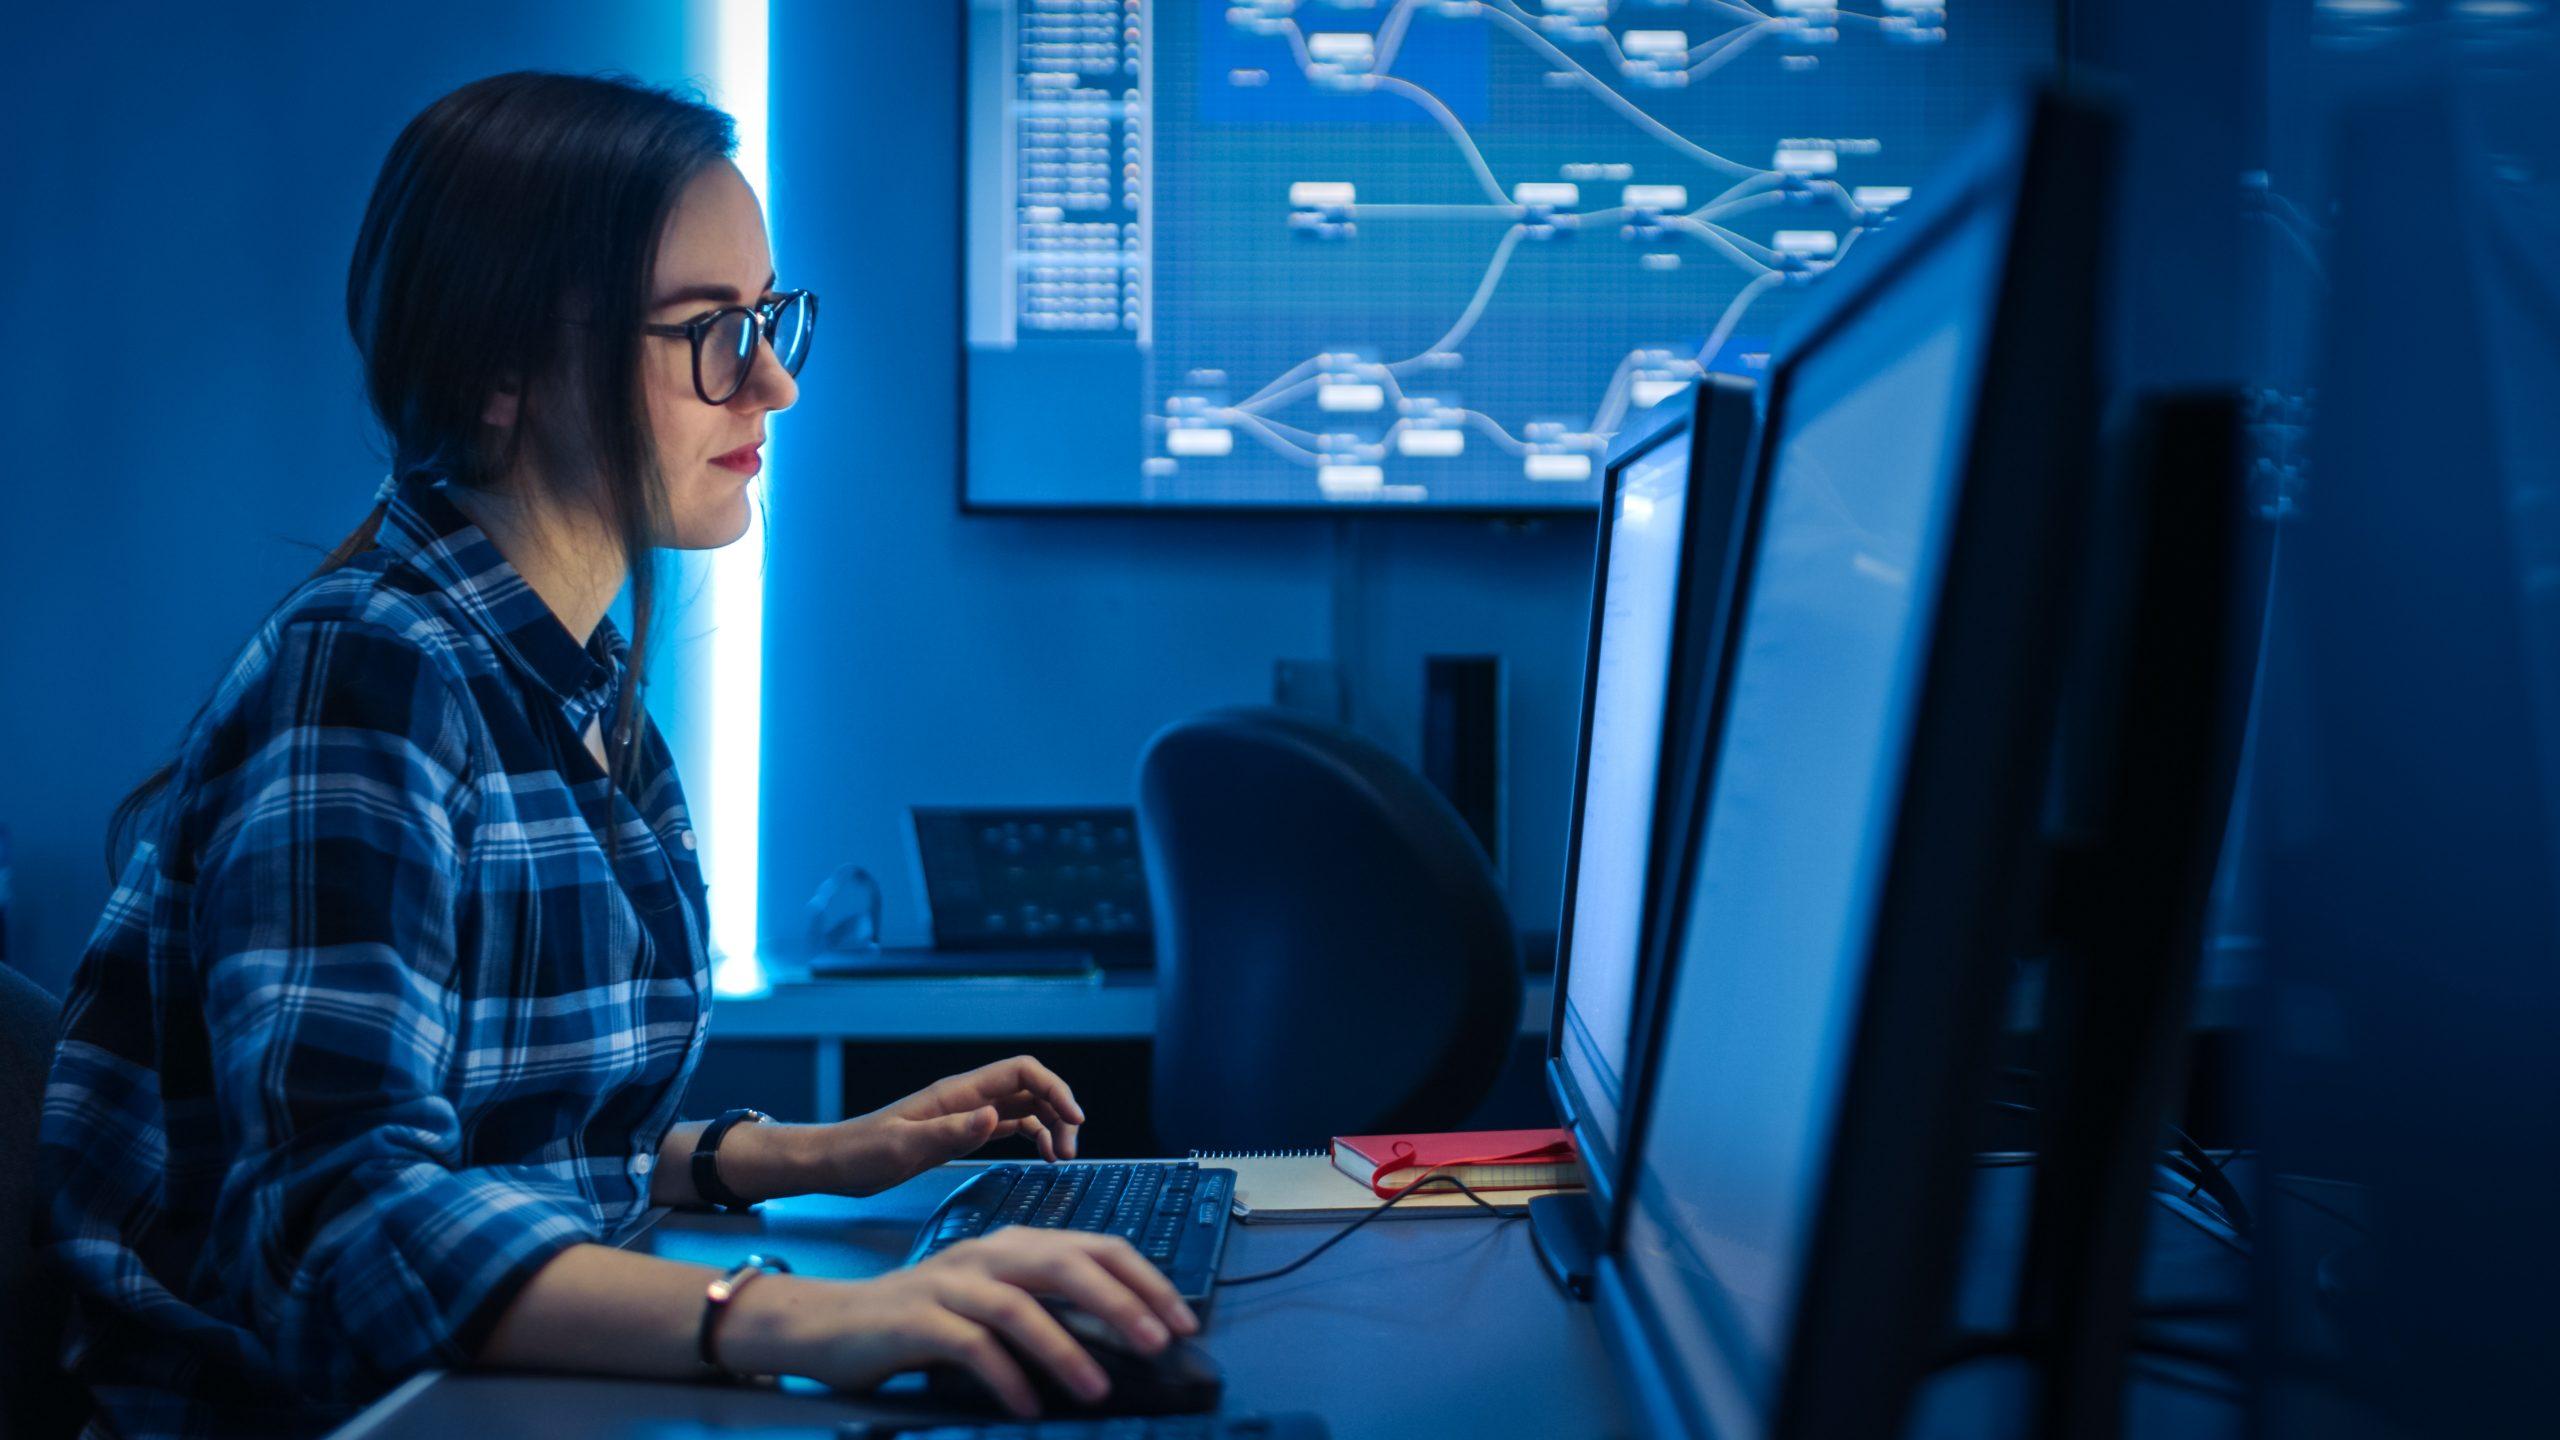 Drop out in der Informatik bekämpfen und mehr weibliche Studierende gewinnen - Susanne Schwanzer forscht und berät dazu.